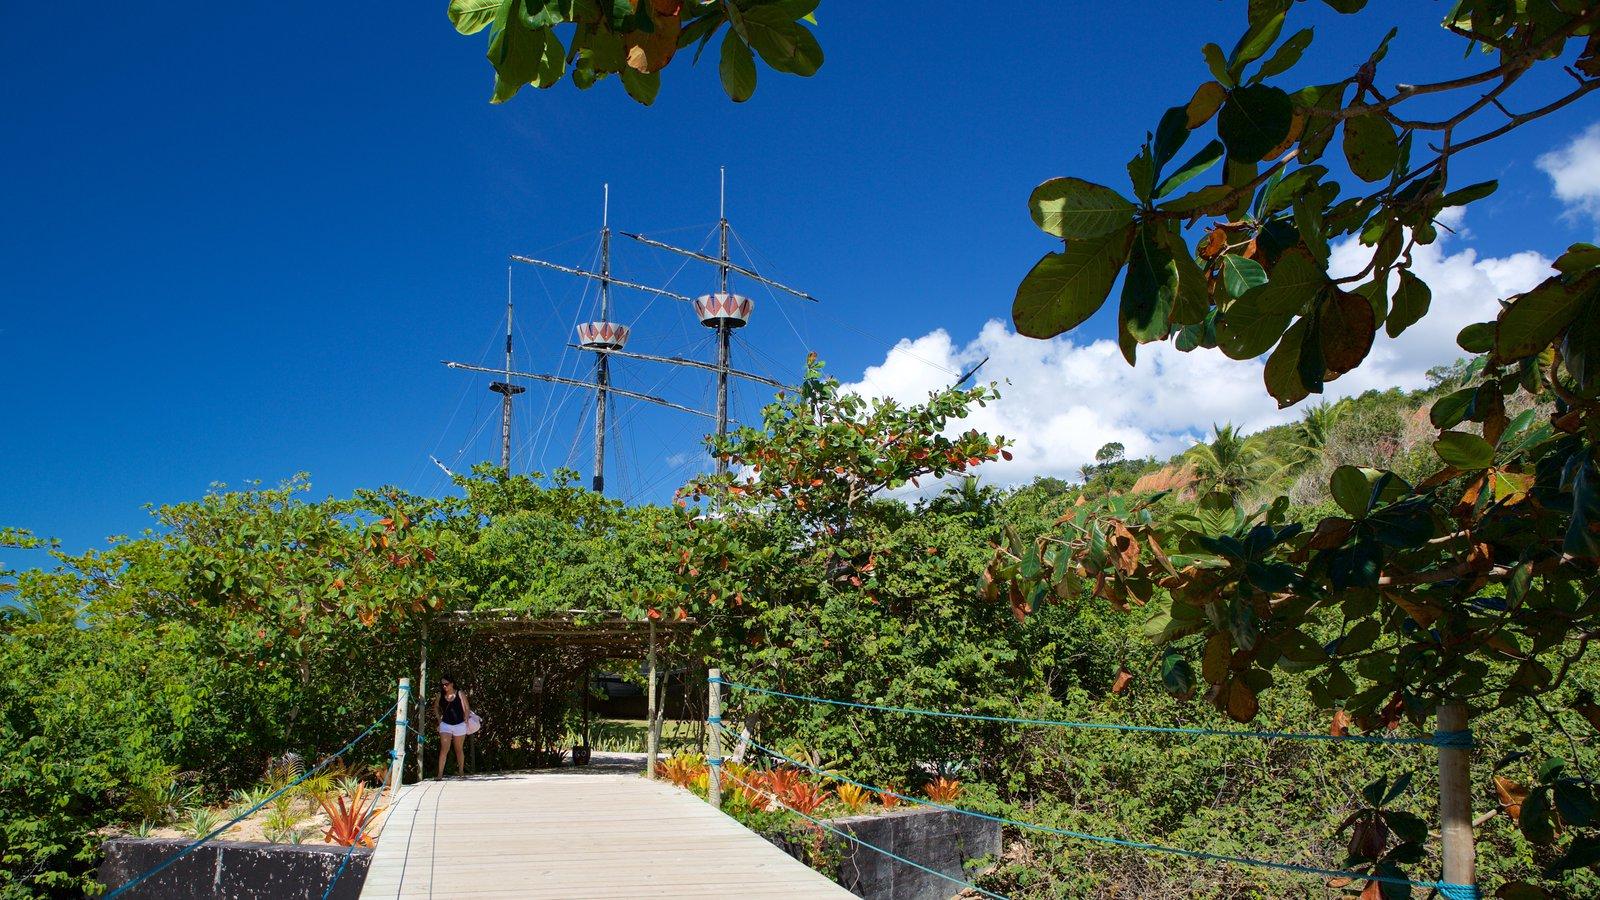 Memorial do Descobrimento do Brasil caracterizando um jardim